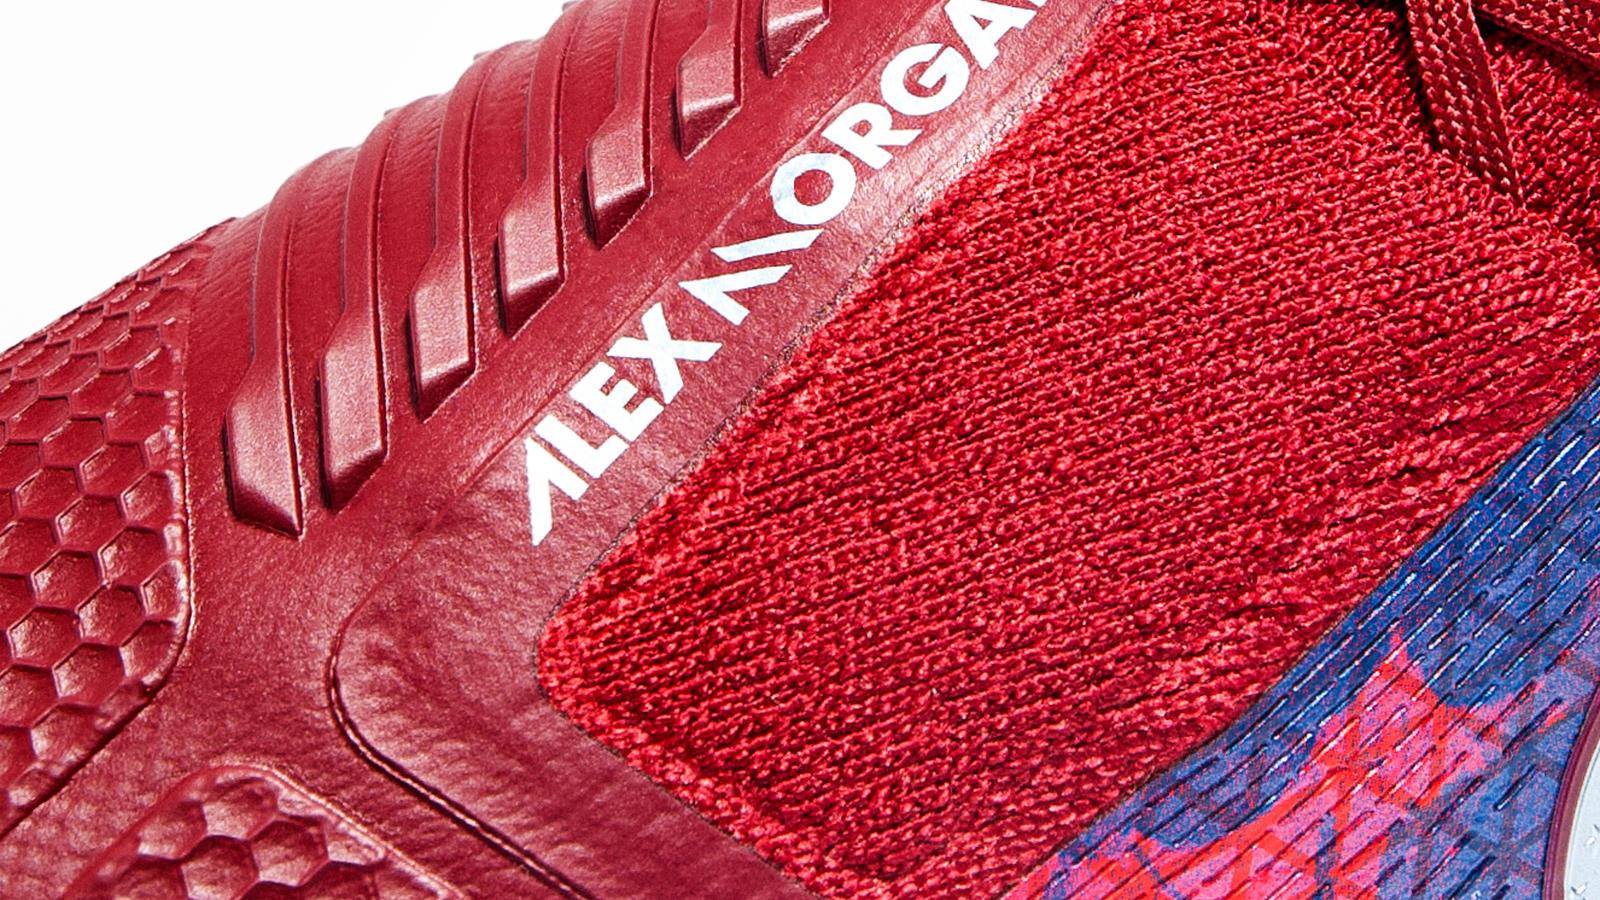 099f599ac247 Nike_FeaturedFootwear_PVenom_EliteSE_AlexMorgan-1455_hd_1600.jpg